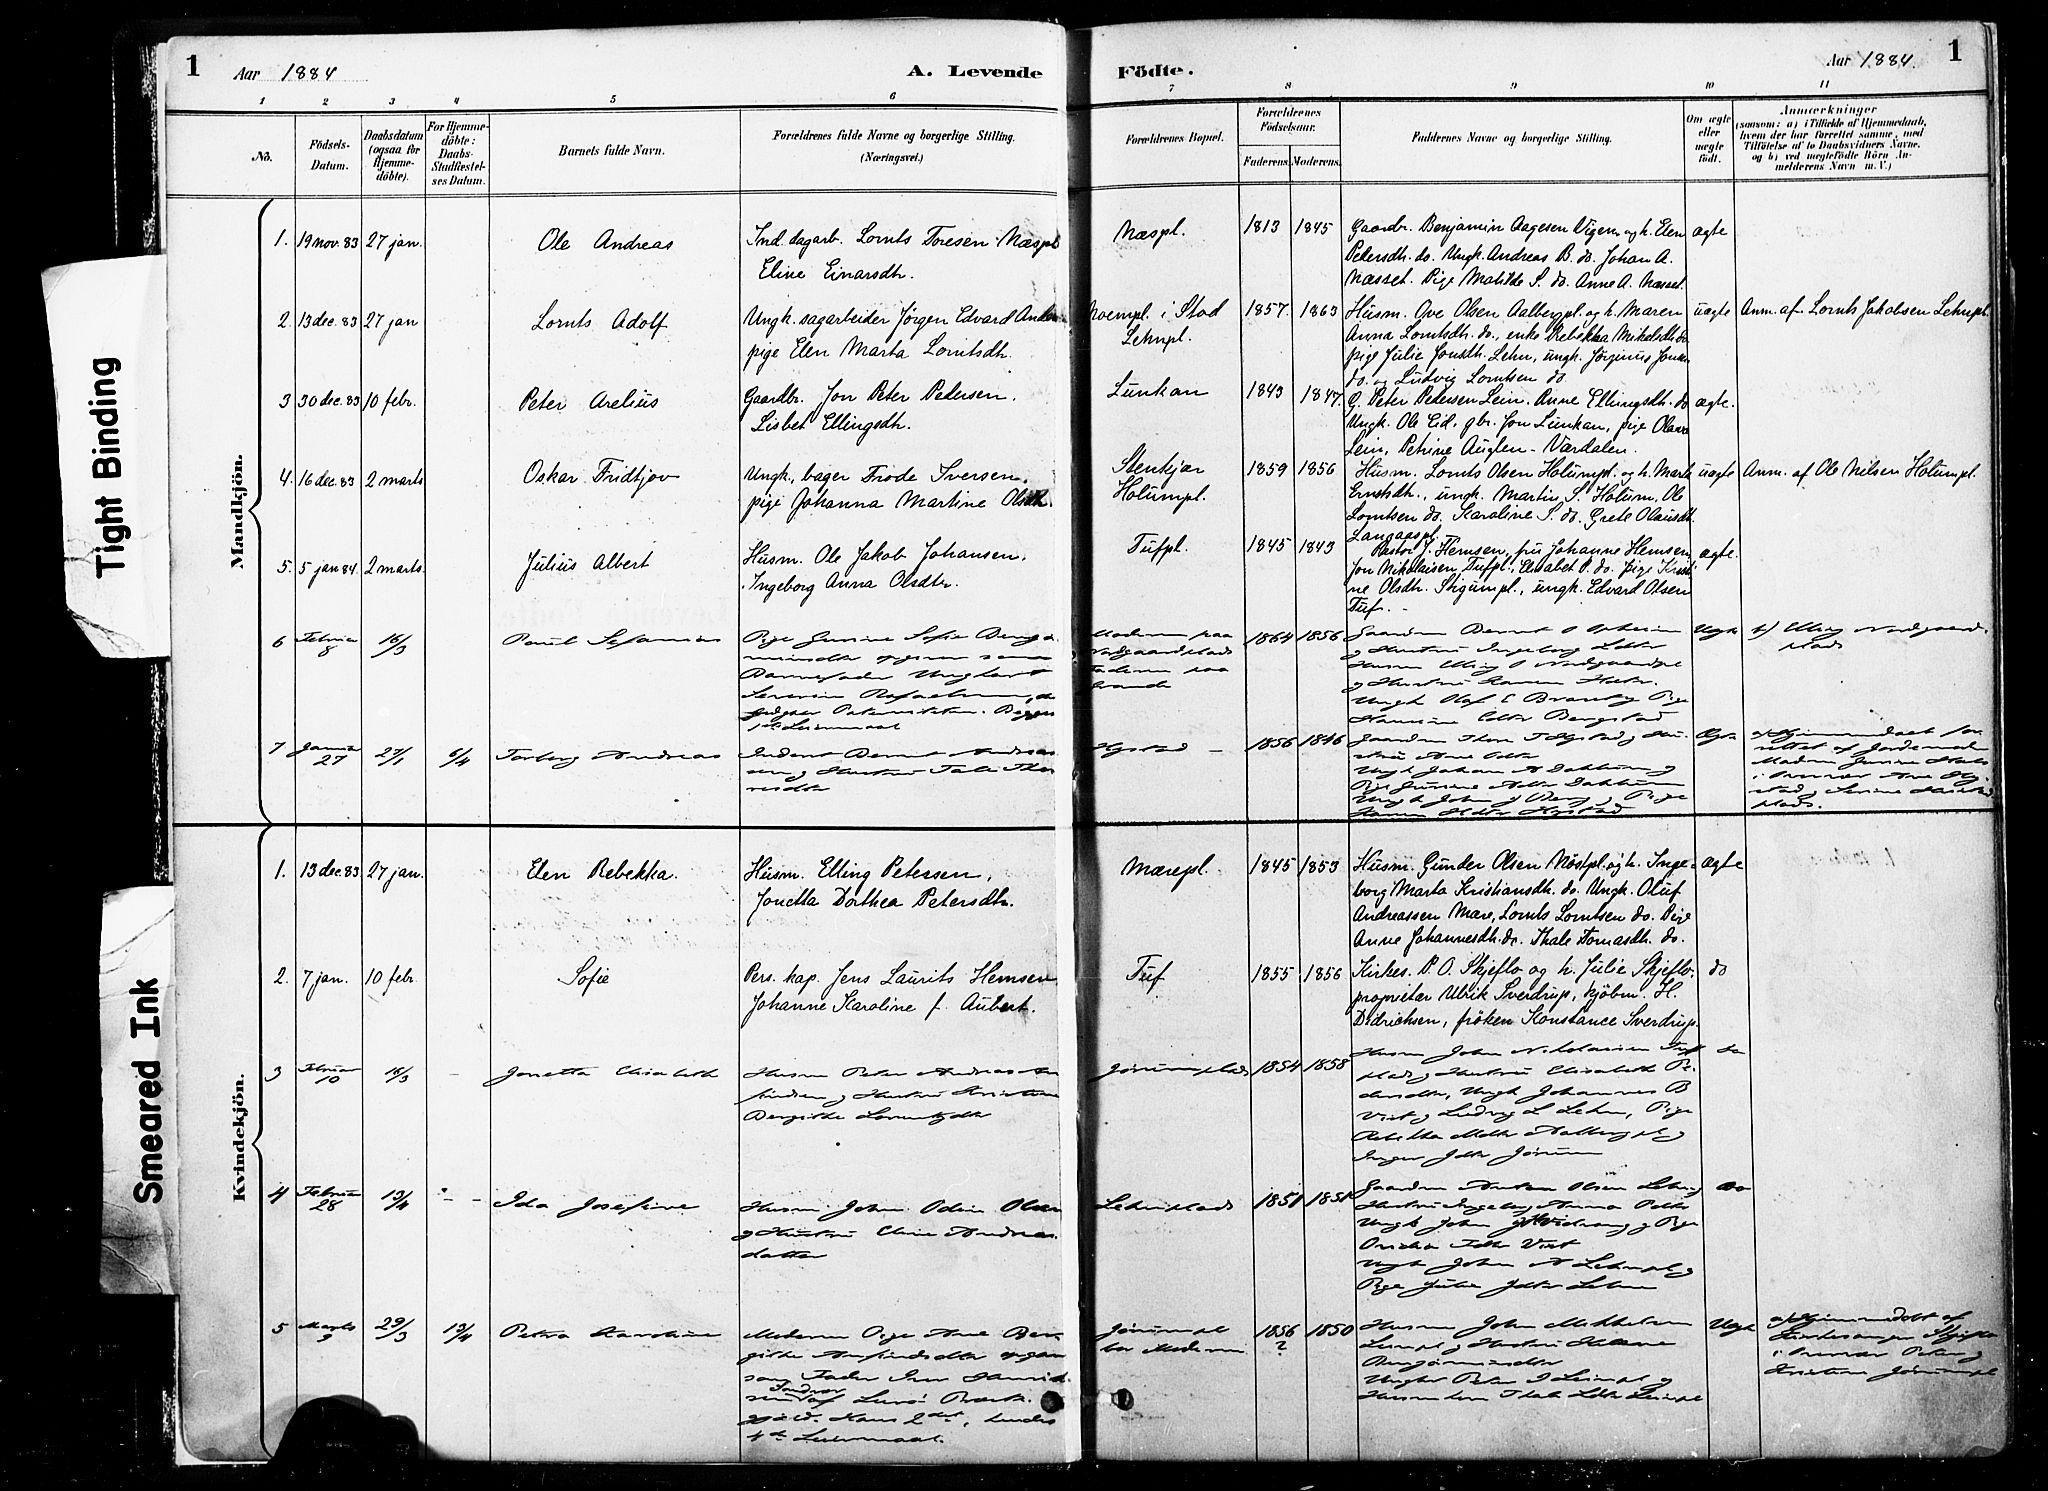 SAT, Ministerialprotokoller, klokkerbøker og fødselsregistre - Nord-Trøndelag, 735/L0351: Ministerialbok nr. 735A10, 1884-1908, s. 1